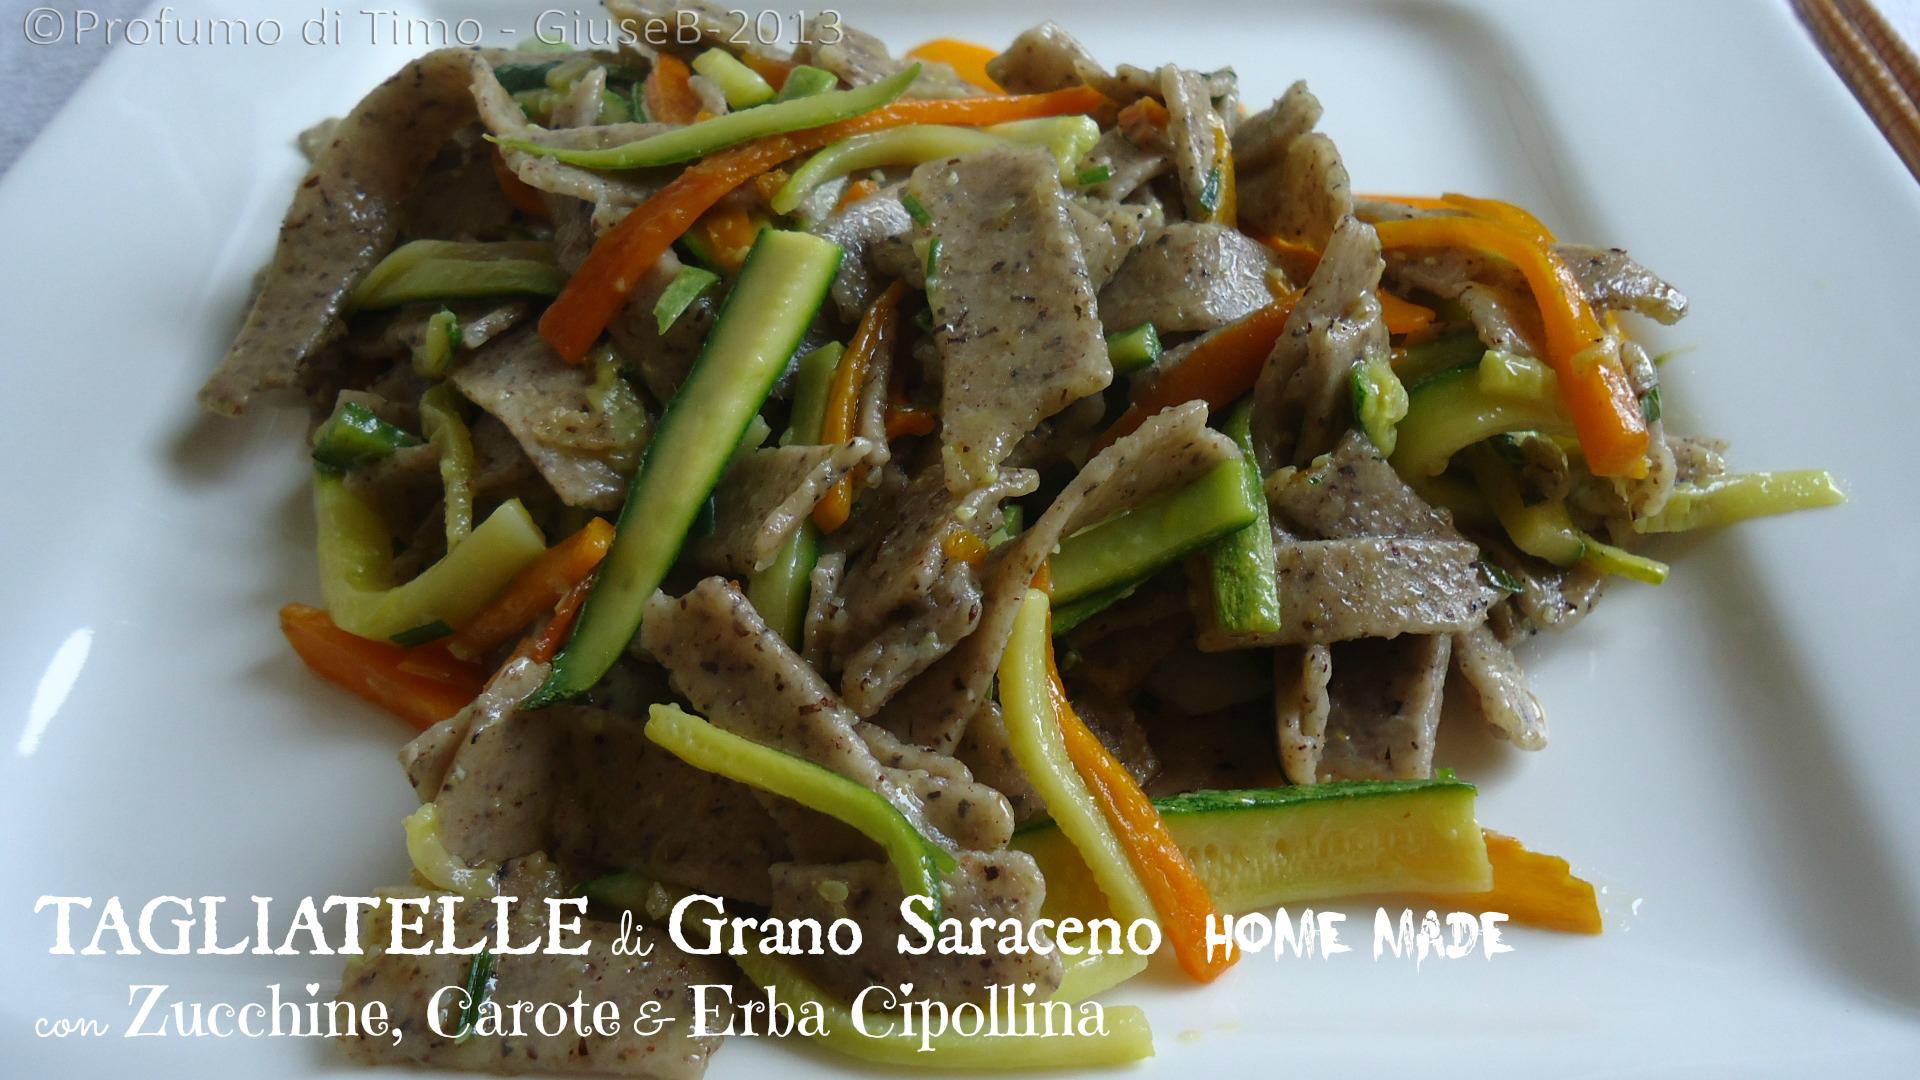 Tagliatelle di Grano Saraceno con zucchine, carote & erba cipollina